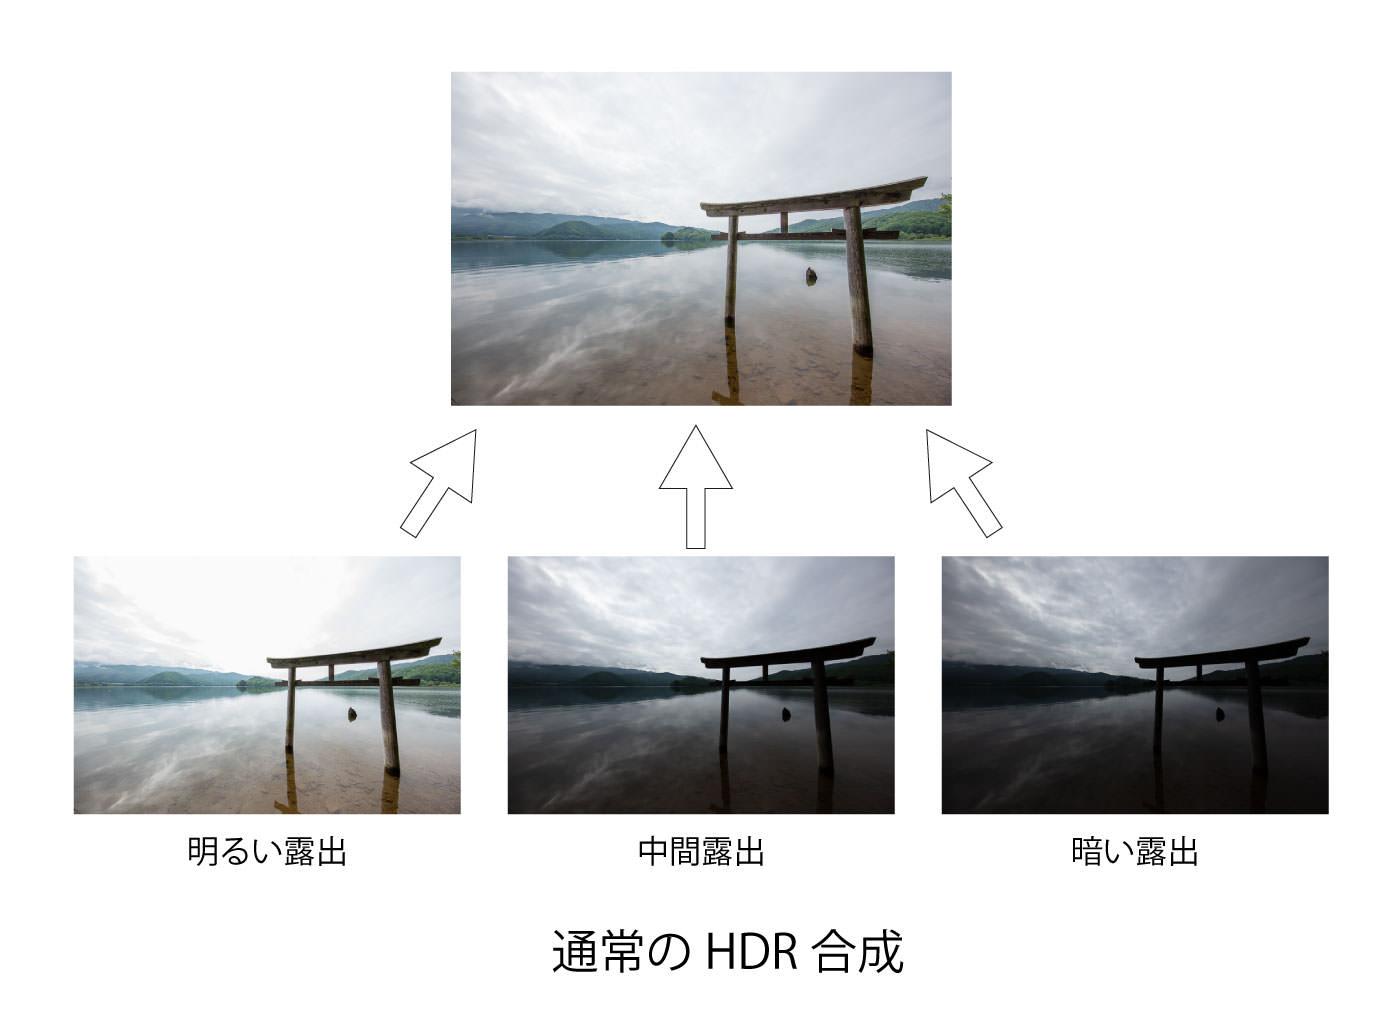 通常のHDR合成